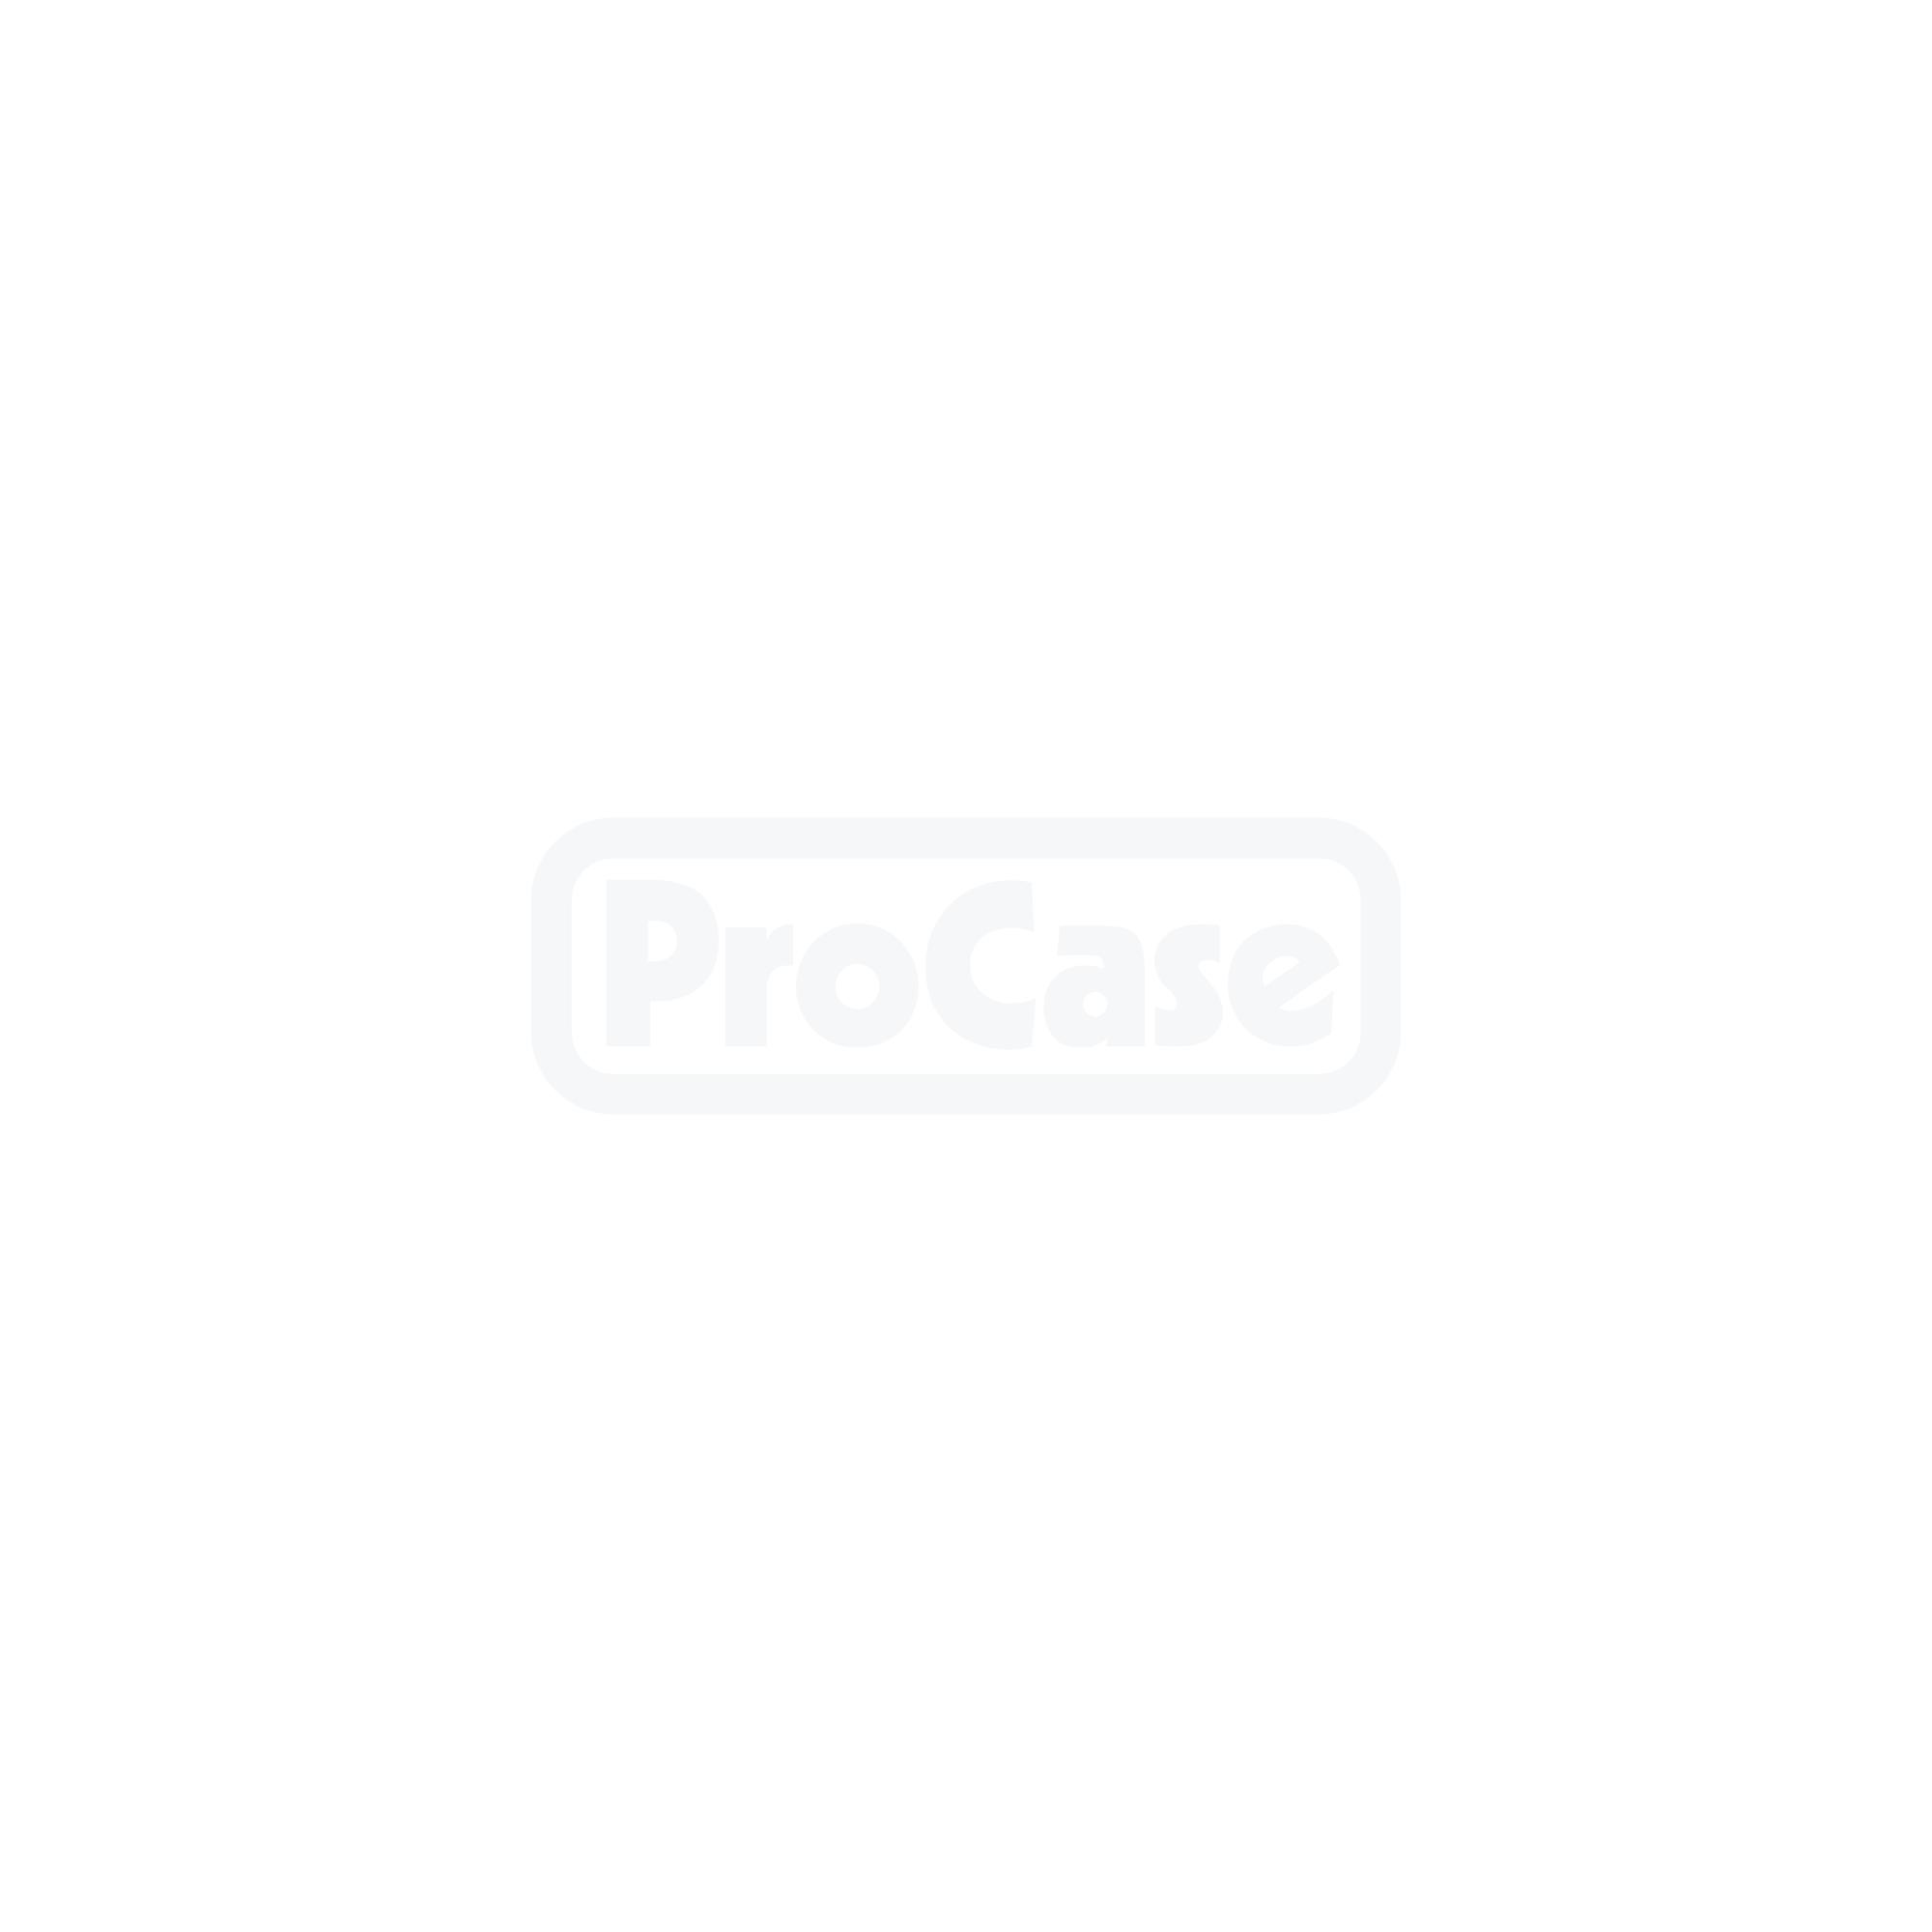 SINORA Koffer für Blackmagic ATEM Television Studio Pro 4K/HD